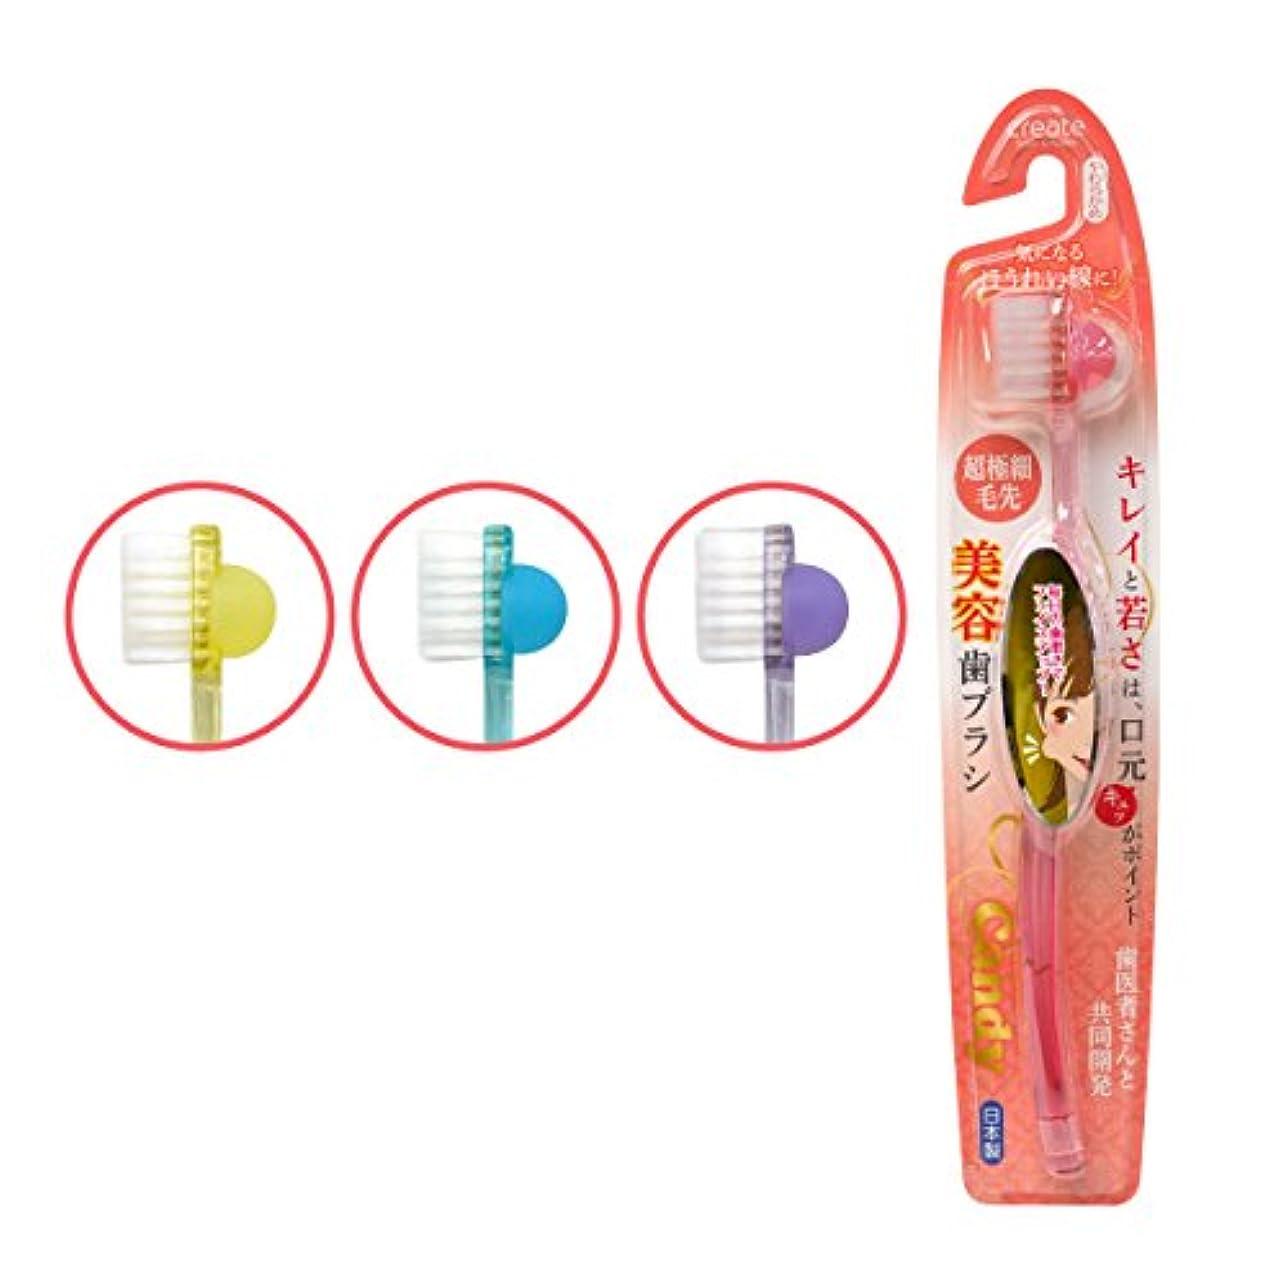 一杯サラダ半球candy(キャンディー)美容歯ブラシ やわらかめ 3本セット ※カラーランダム